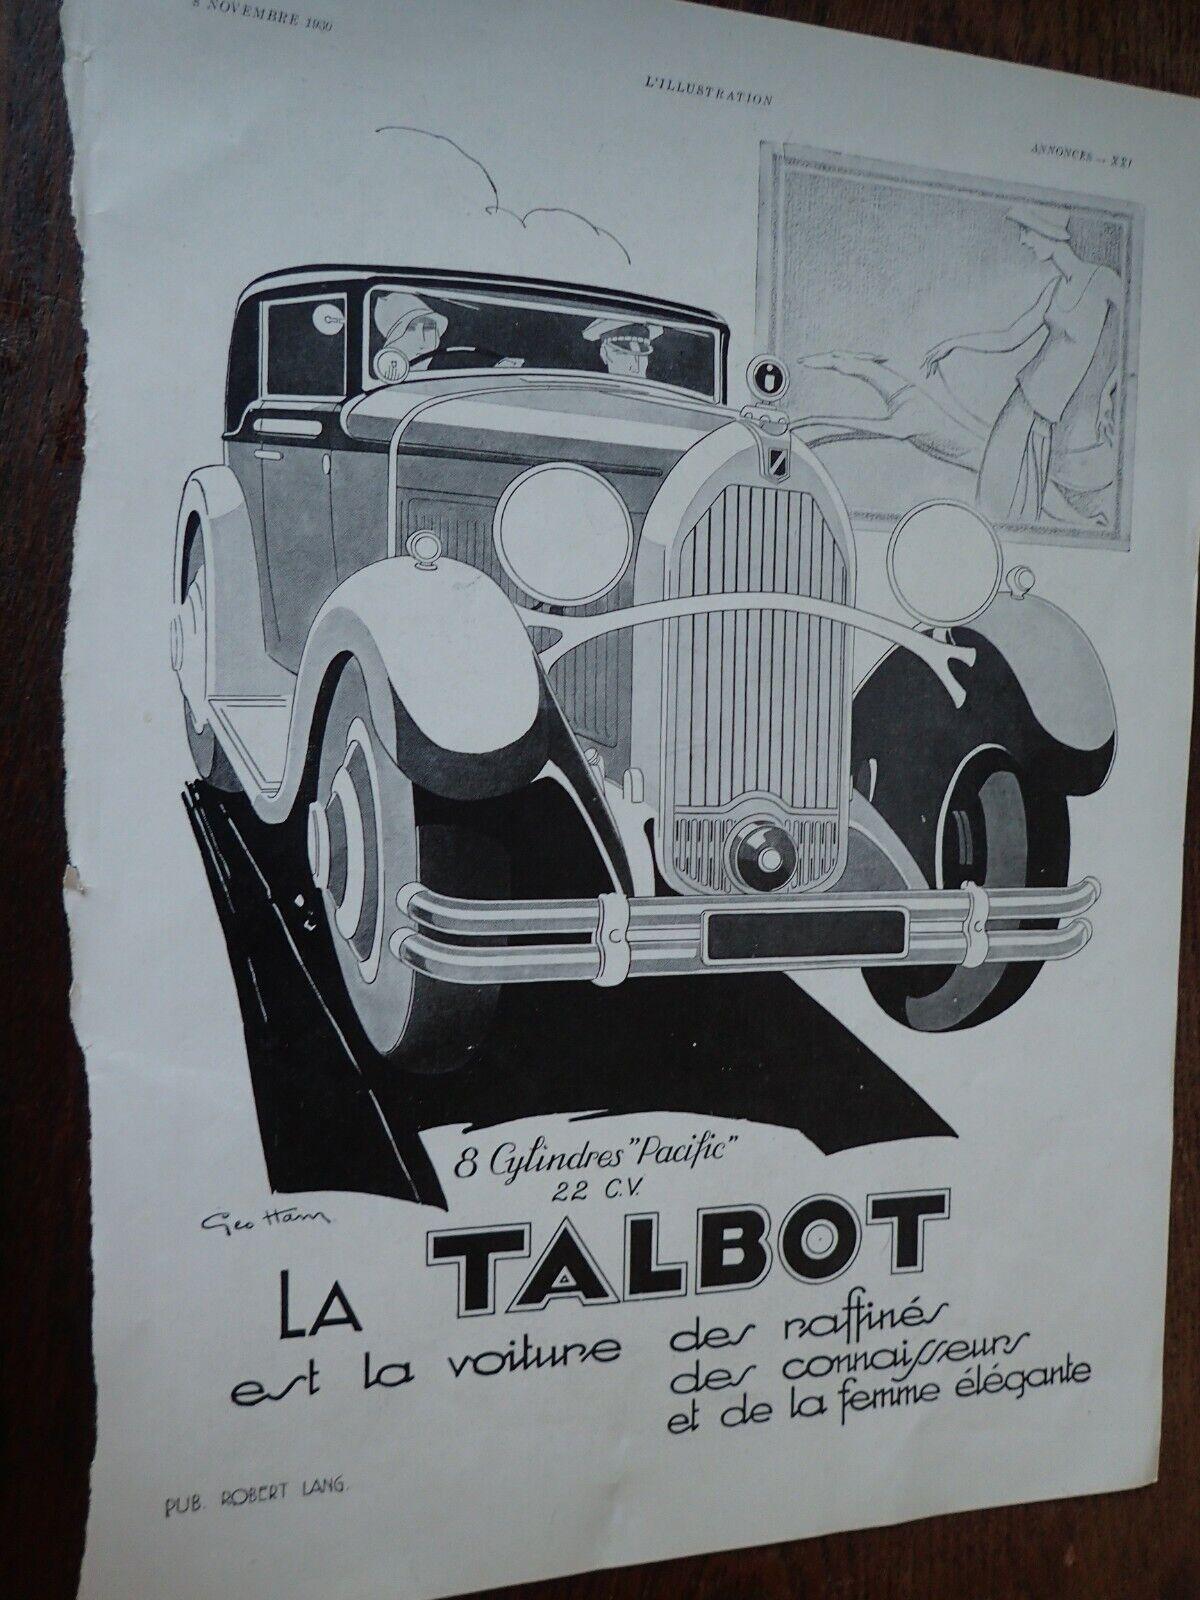 Talbot illustrée par geo ham +chapeau flechet publicité papier illustration 1930